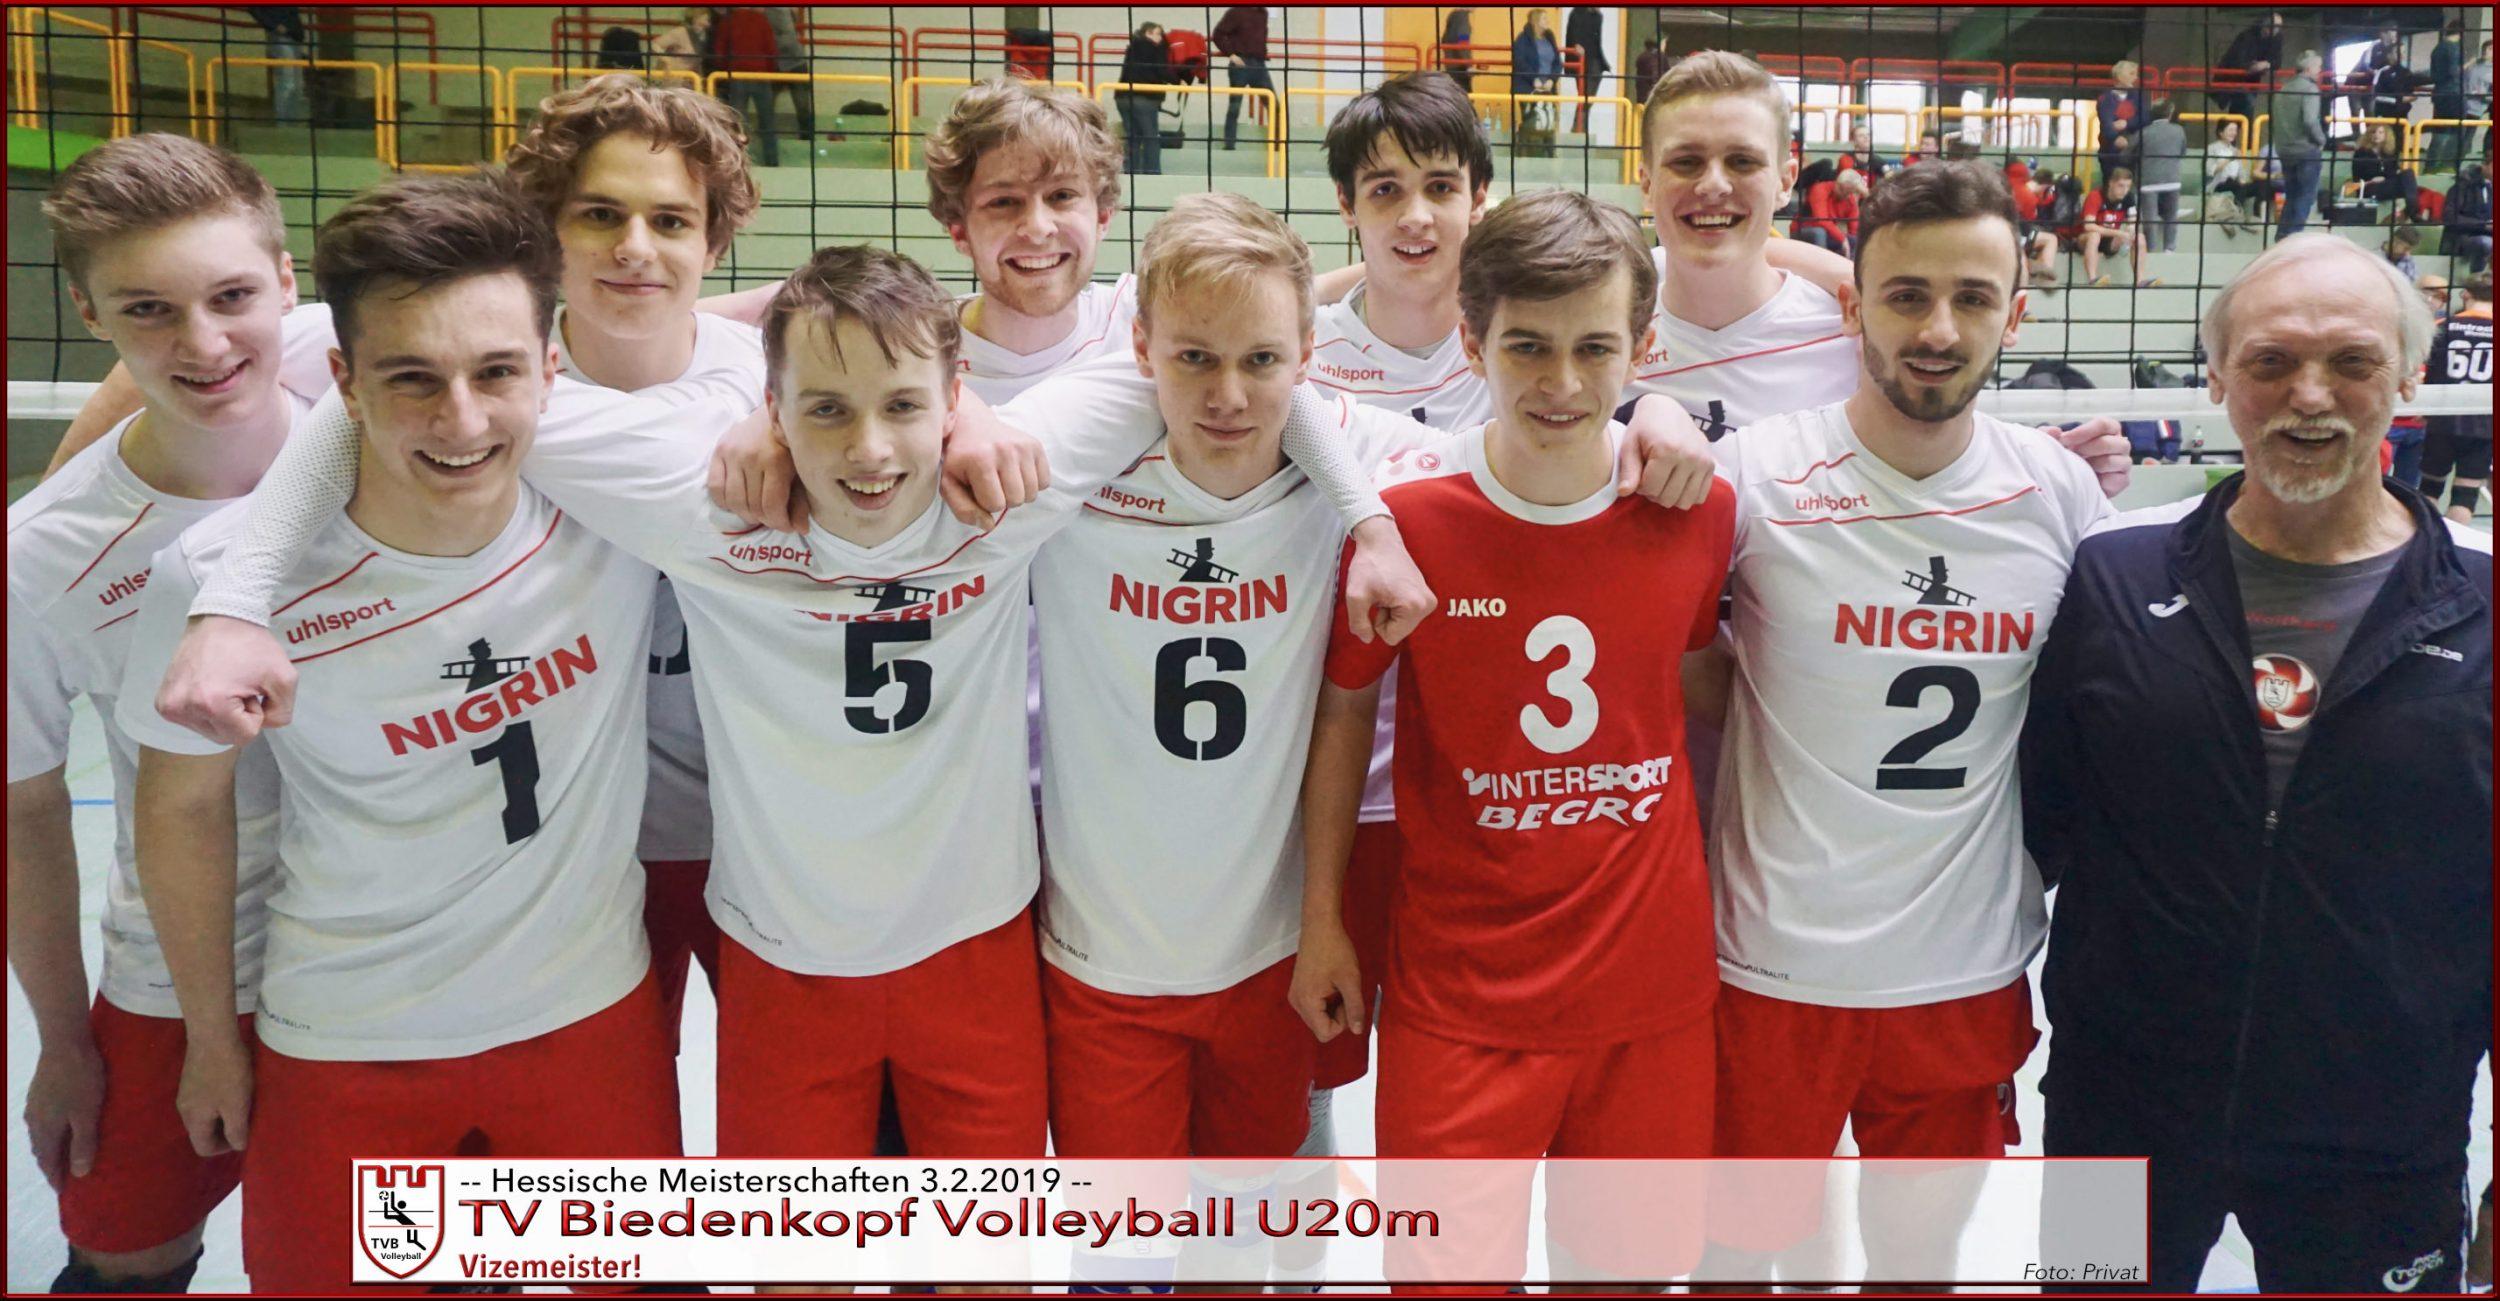 TVB Volleyball | U20m ist Vizehessenmeister in eigener Halle geworden!